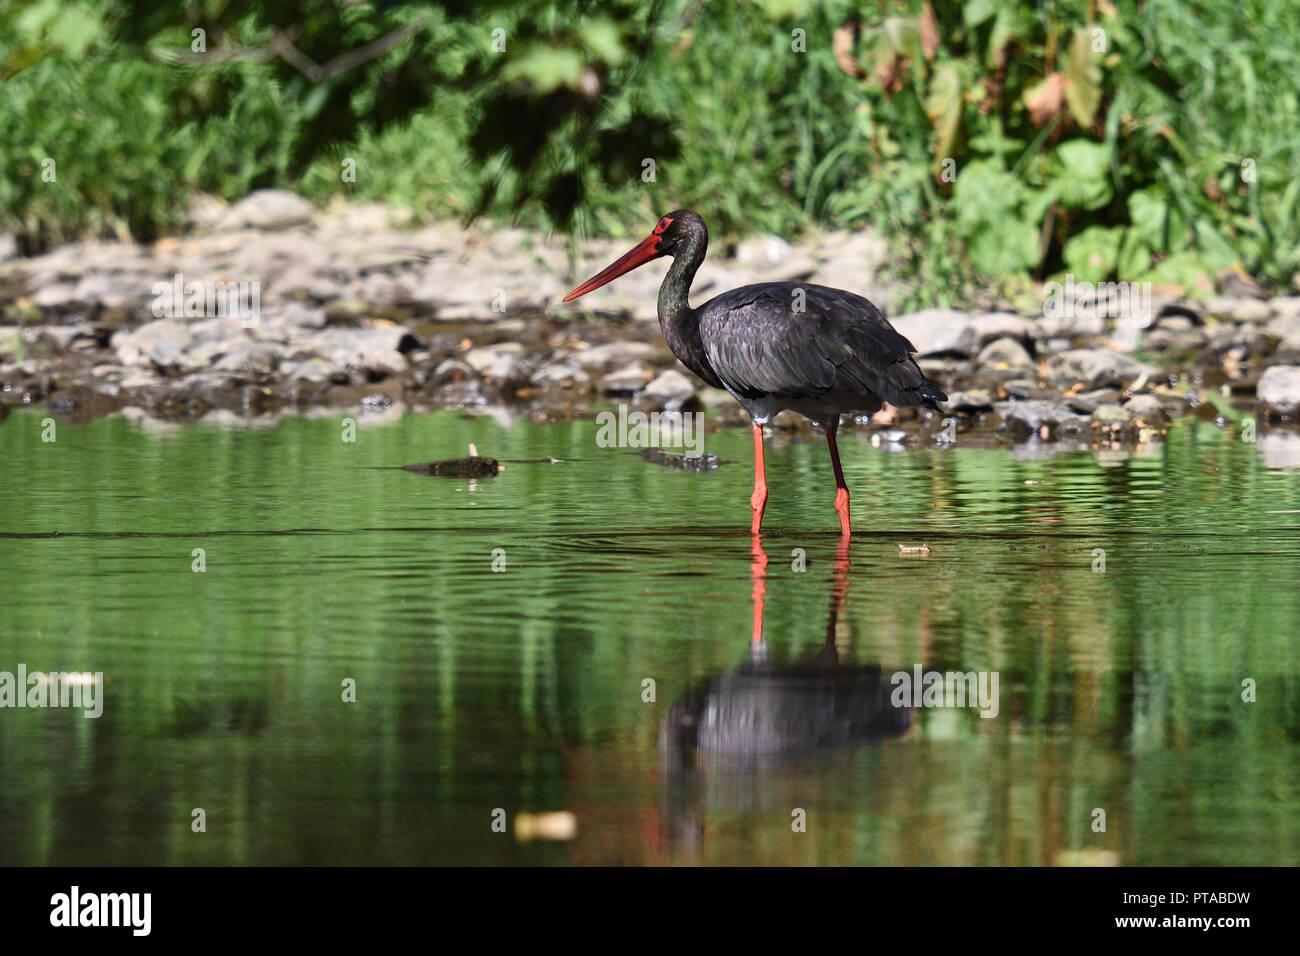 Ein Schwarzstorch auf Futtersuche (a black stork is foraging) - Stock Image